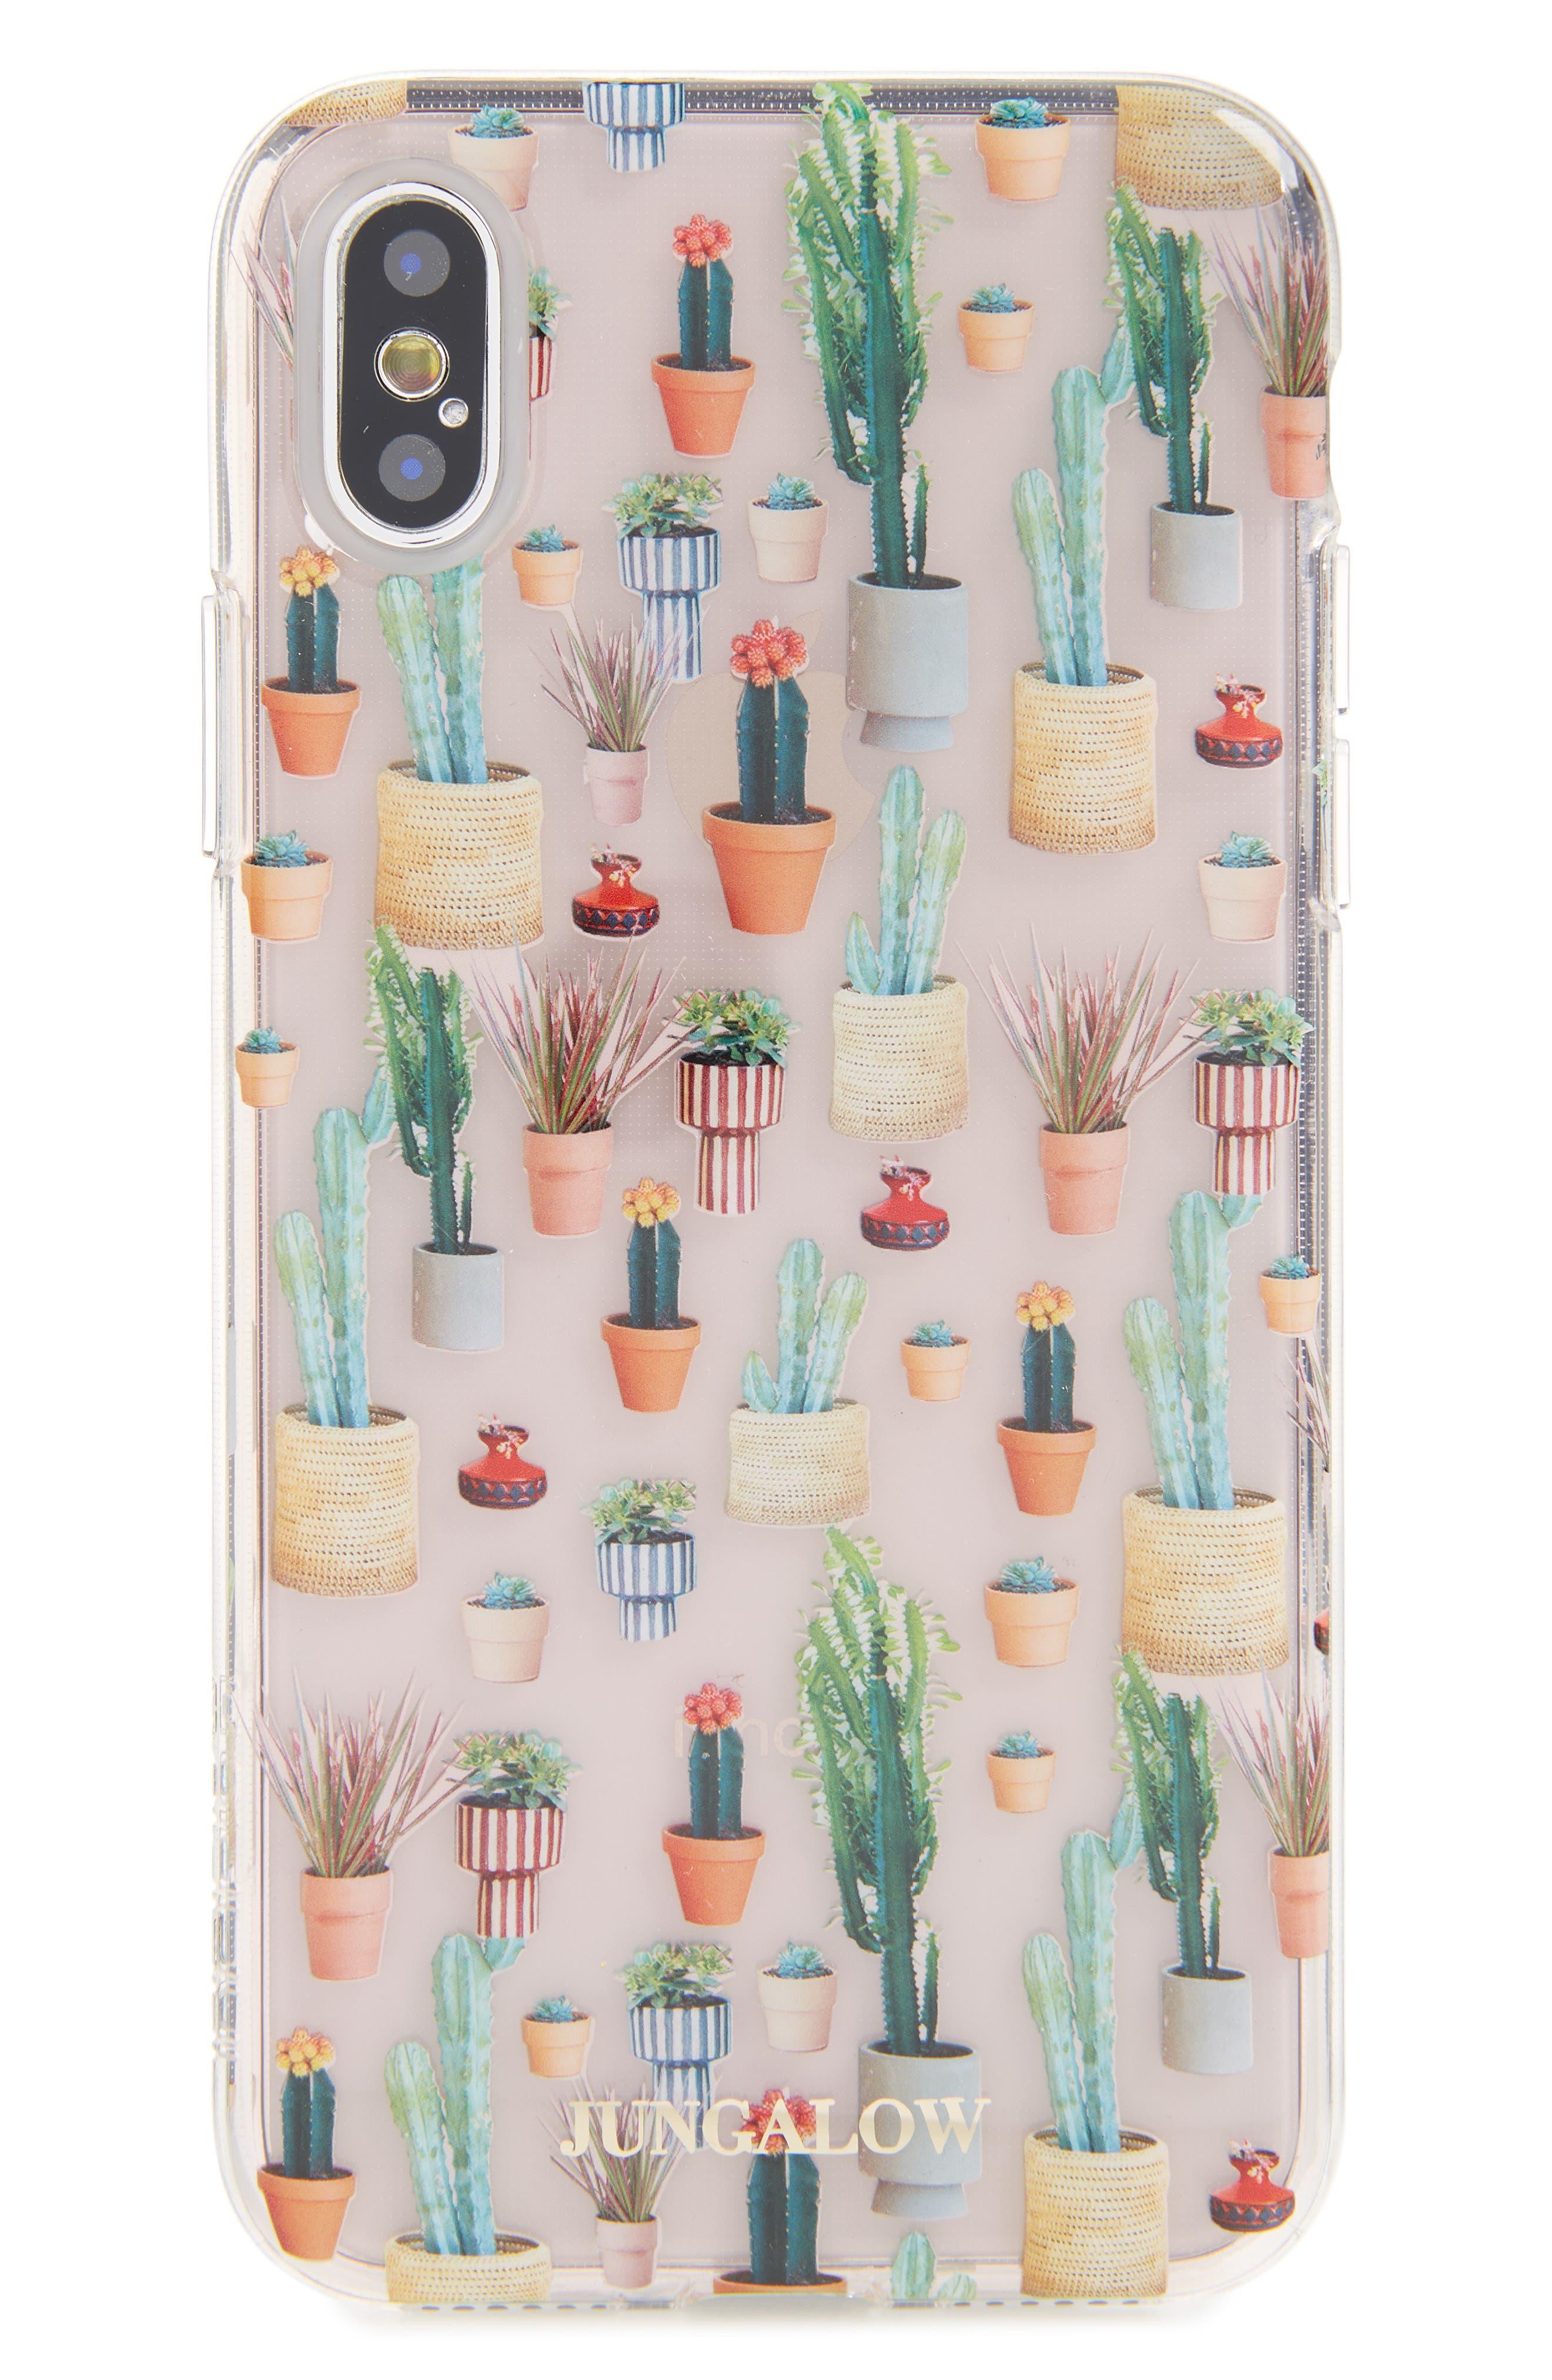 Jungalow Potted Plant iPhone X & Xs Case,                             Main thumbnail 1, color,